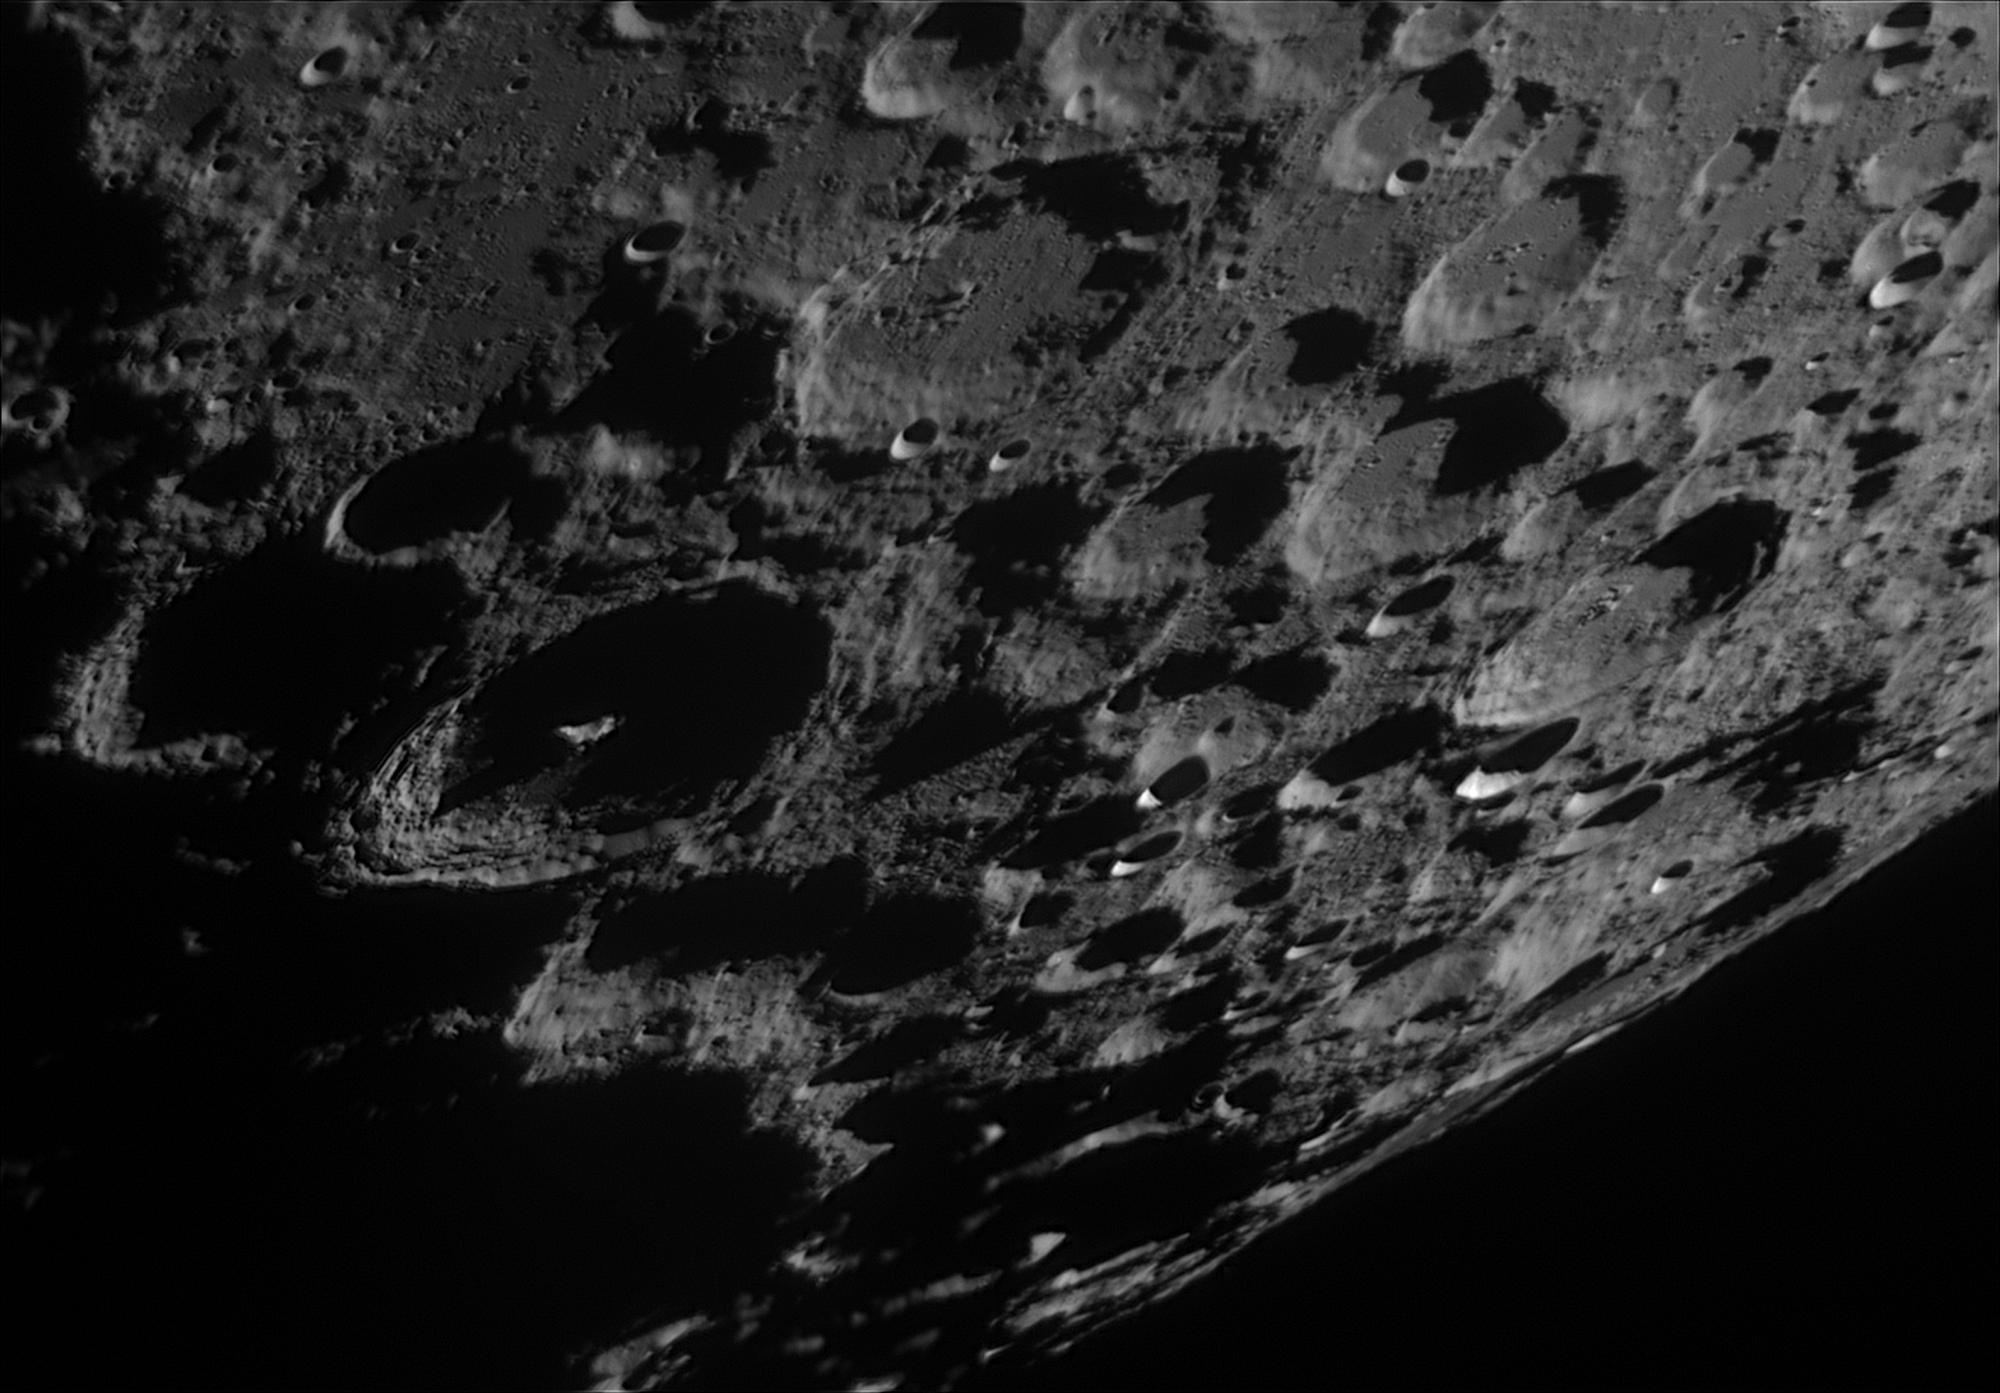 Moon_200530_204516_W23A__cro_100r_T80_900_reg.thumb.jpg.a15b50239a1e16663b8d903cc0edd995.jpg